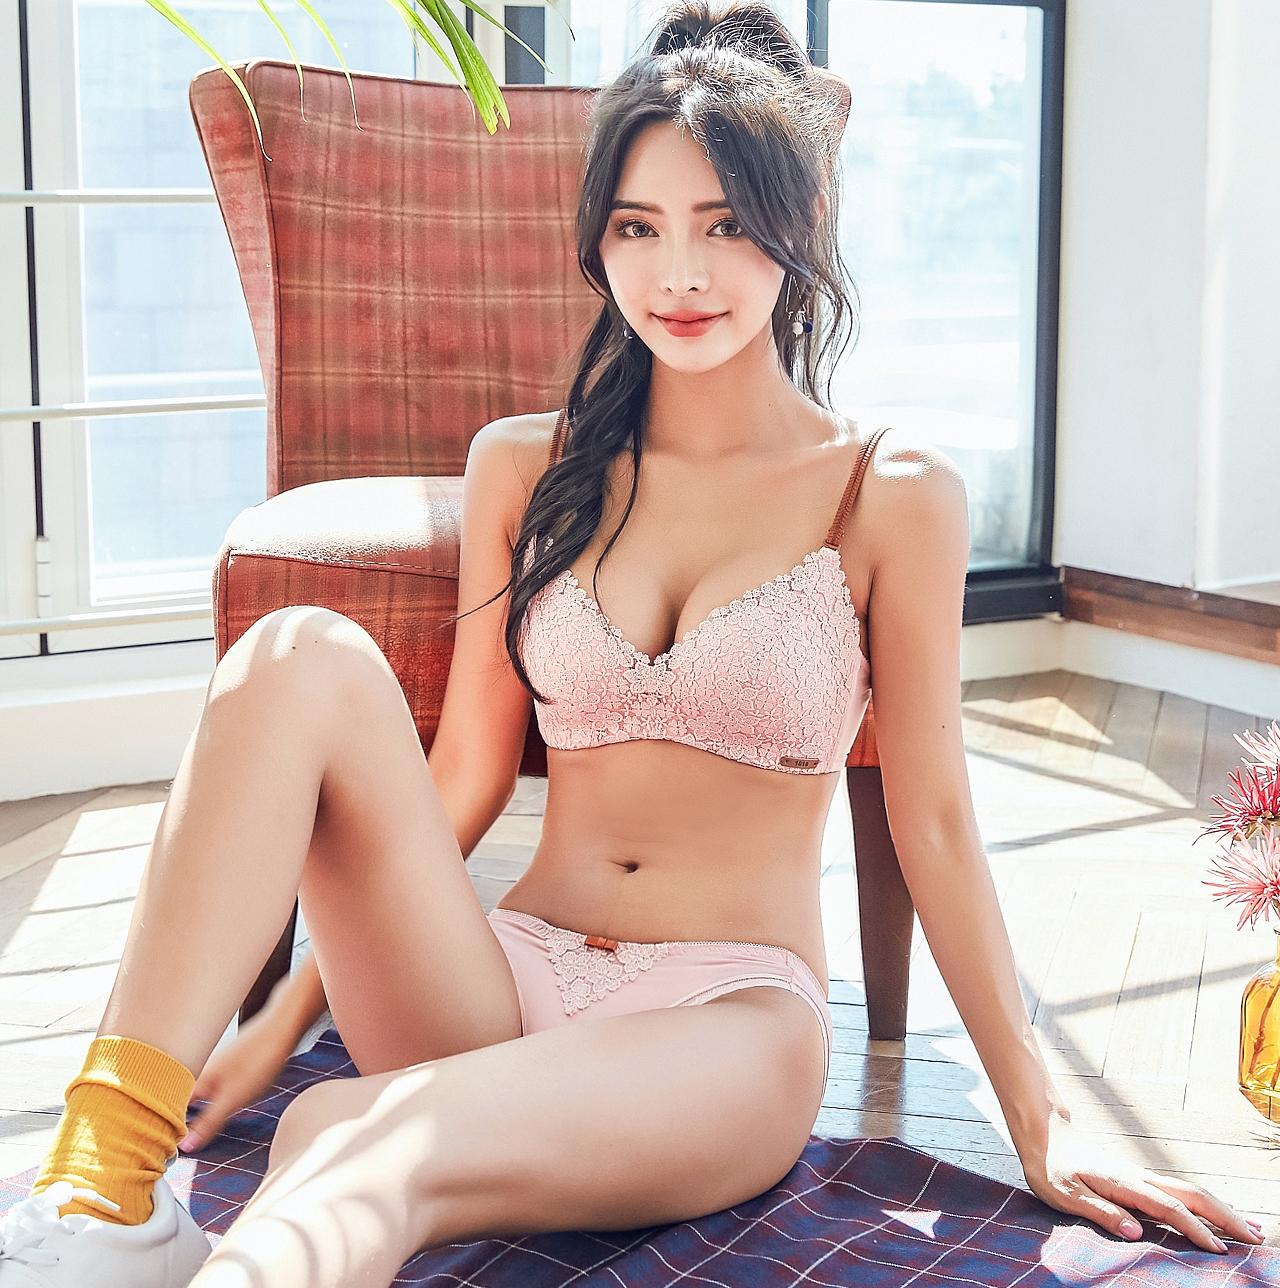 【 дизайнер модель 】 девушка нижнее белье кольцо тонкая модель японский вышивка точно с треугольник чашка собирать бюстгальтеры